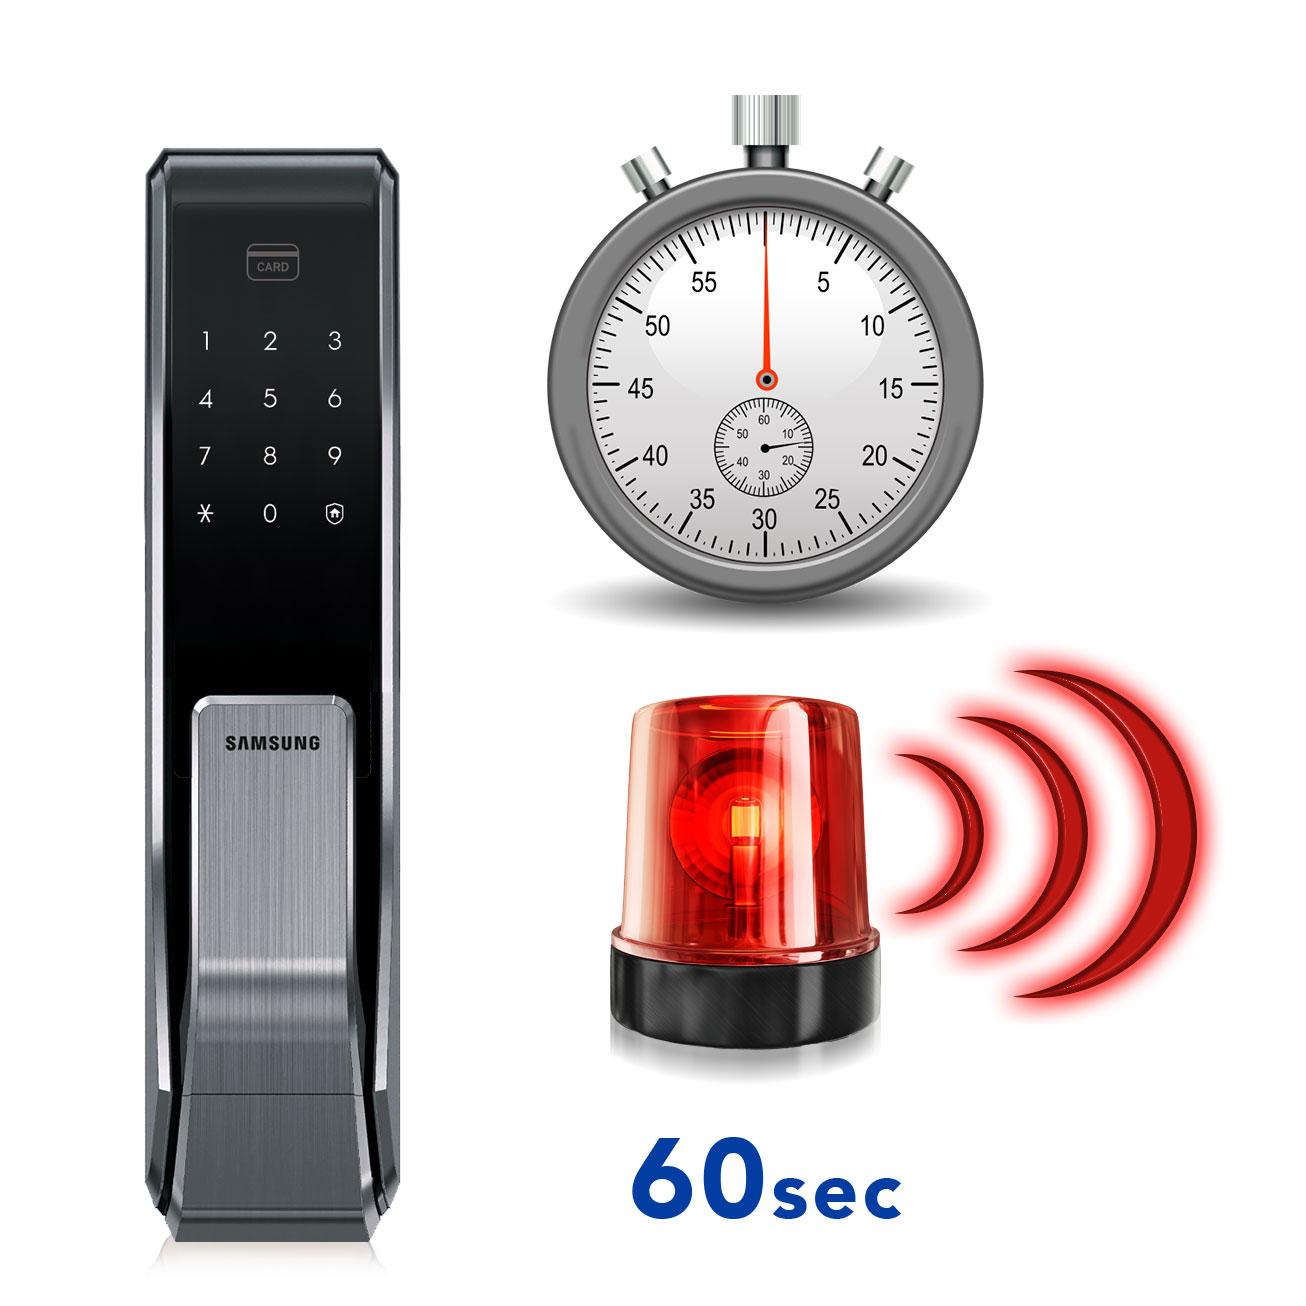 Shs P717 Samsungdigitallife Samsung Digital Door Locks